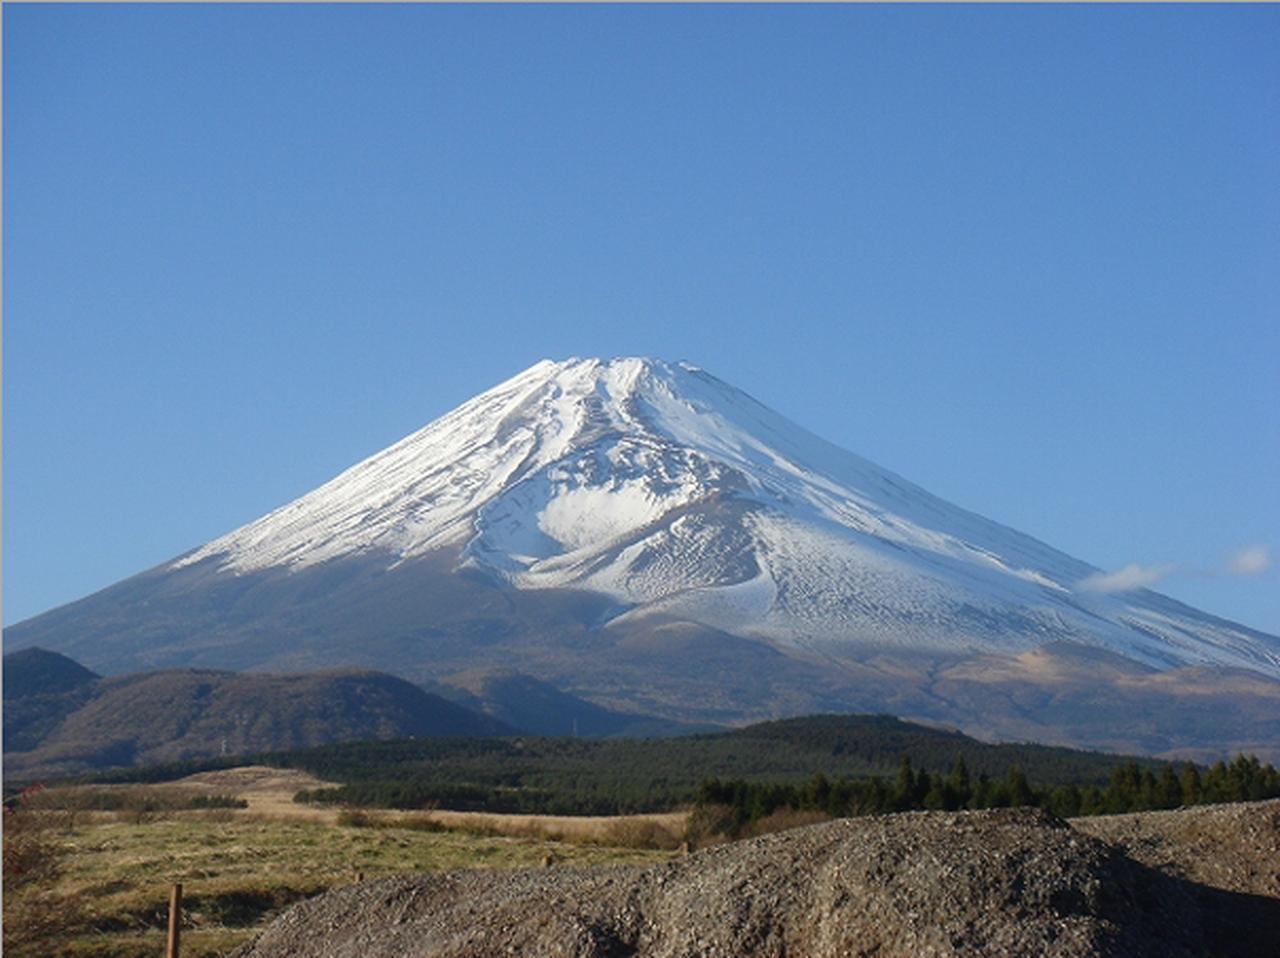 画像: 【あるく・シリーズツアー】 一緒にてくてく歩いていこう!ウォーキングツアー ~富士山すそ野ぐるり一周ウォーク~ ツアーで見られる絶景・魅力をご紹介 第5回